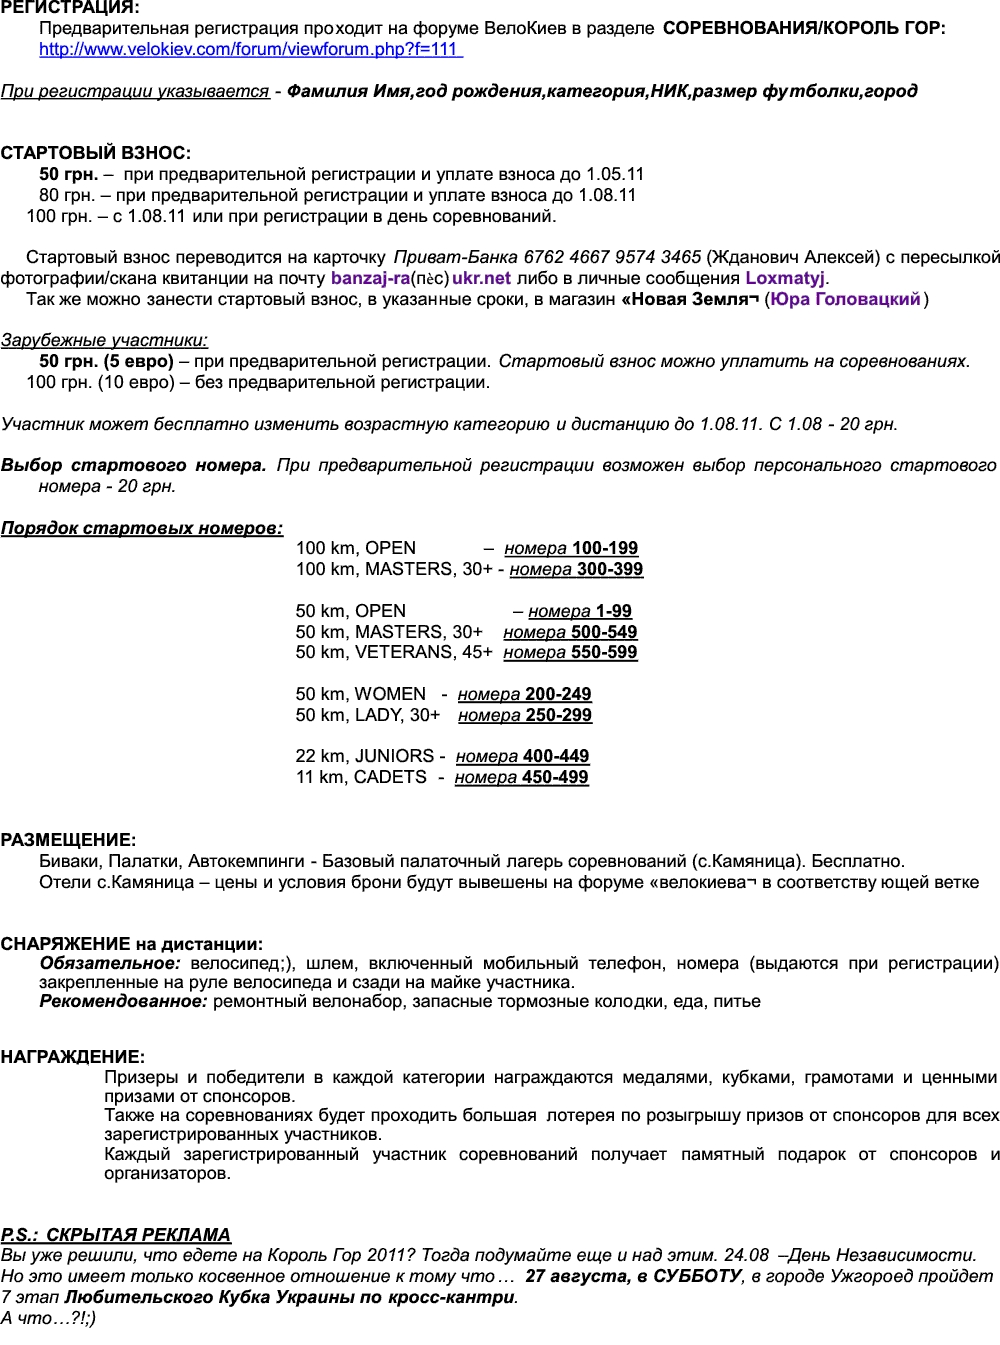 http://velodom.com.ua/userimages/velo_1297891592.jpg